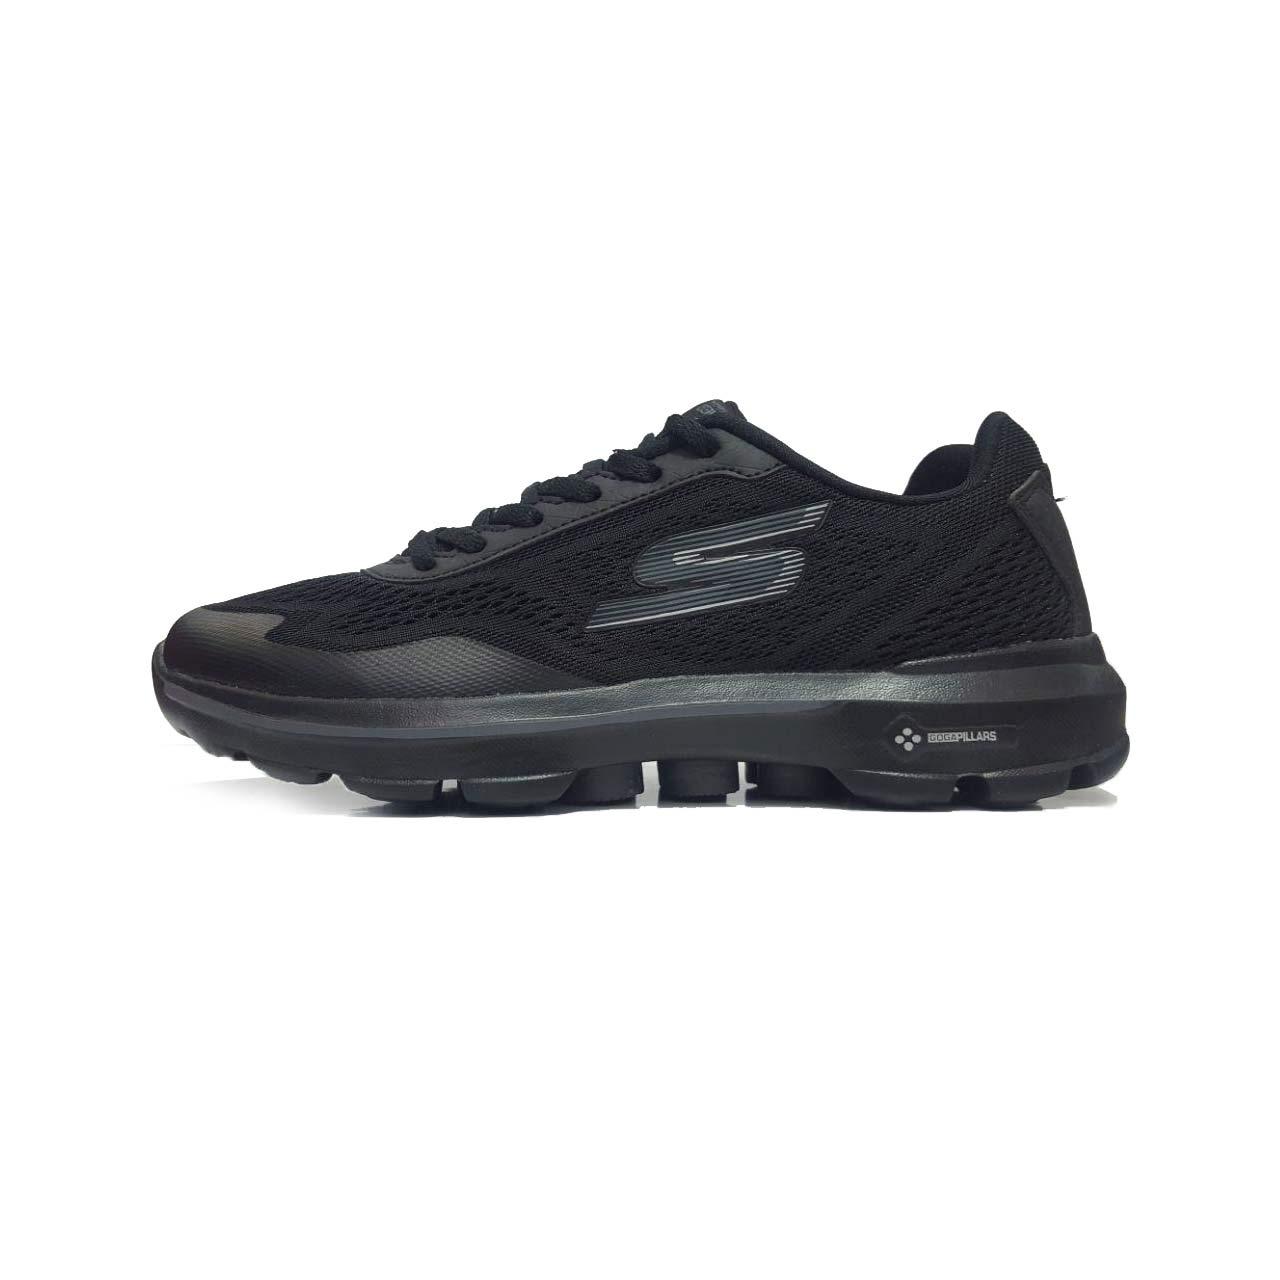 کفش مخصوص پیاده روی مردانه اسکچرز مدل go walk 3 pilars-Black